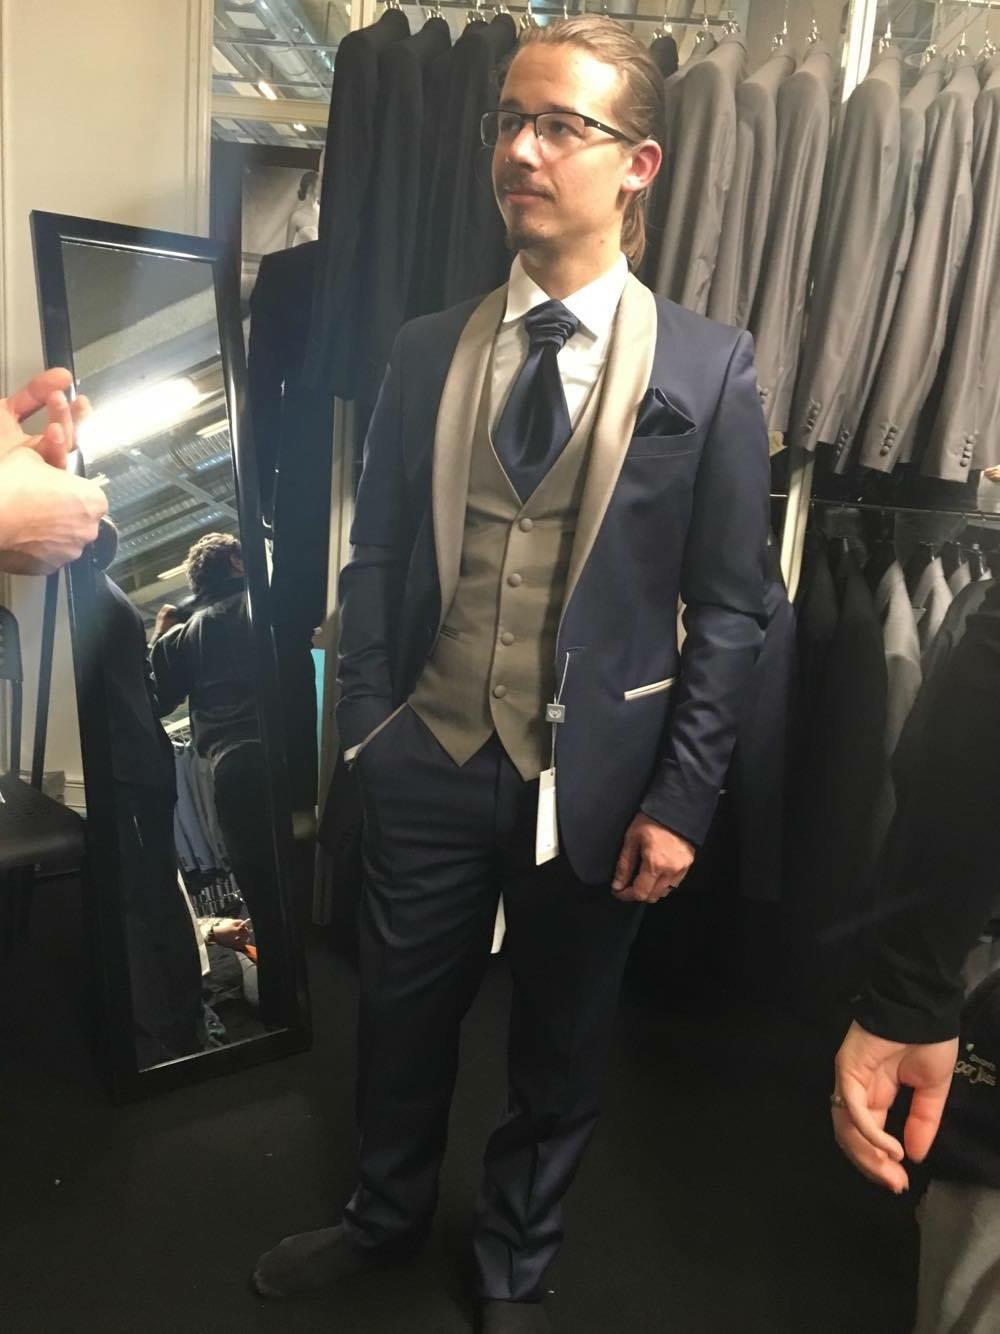 Quand le jeune homme cherche son costume – Partie 1